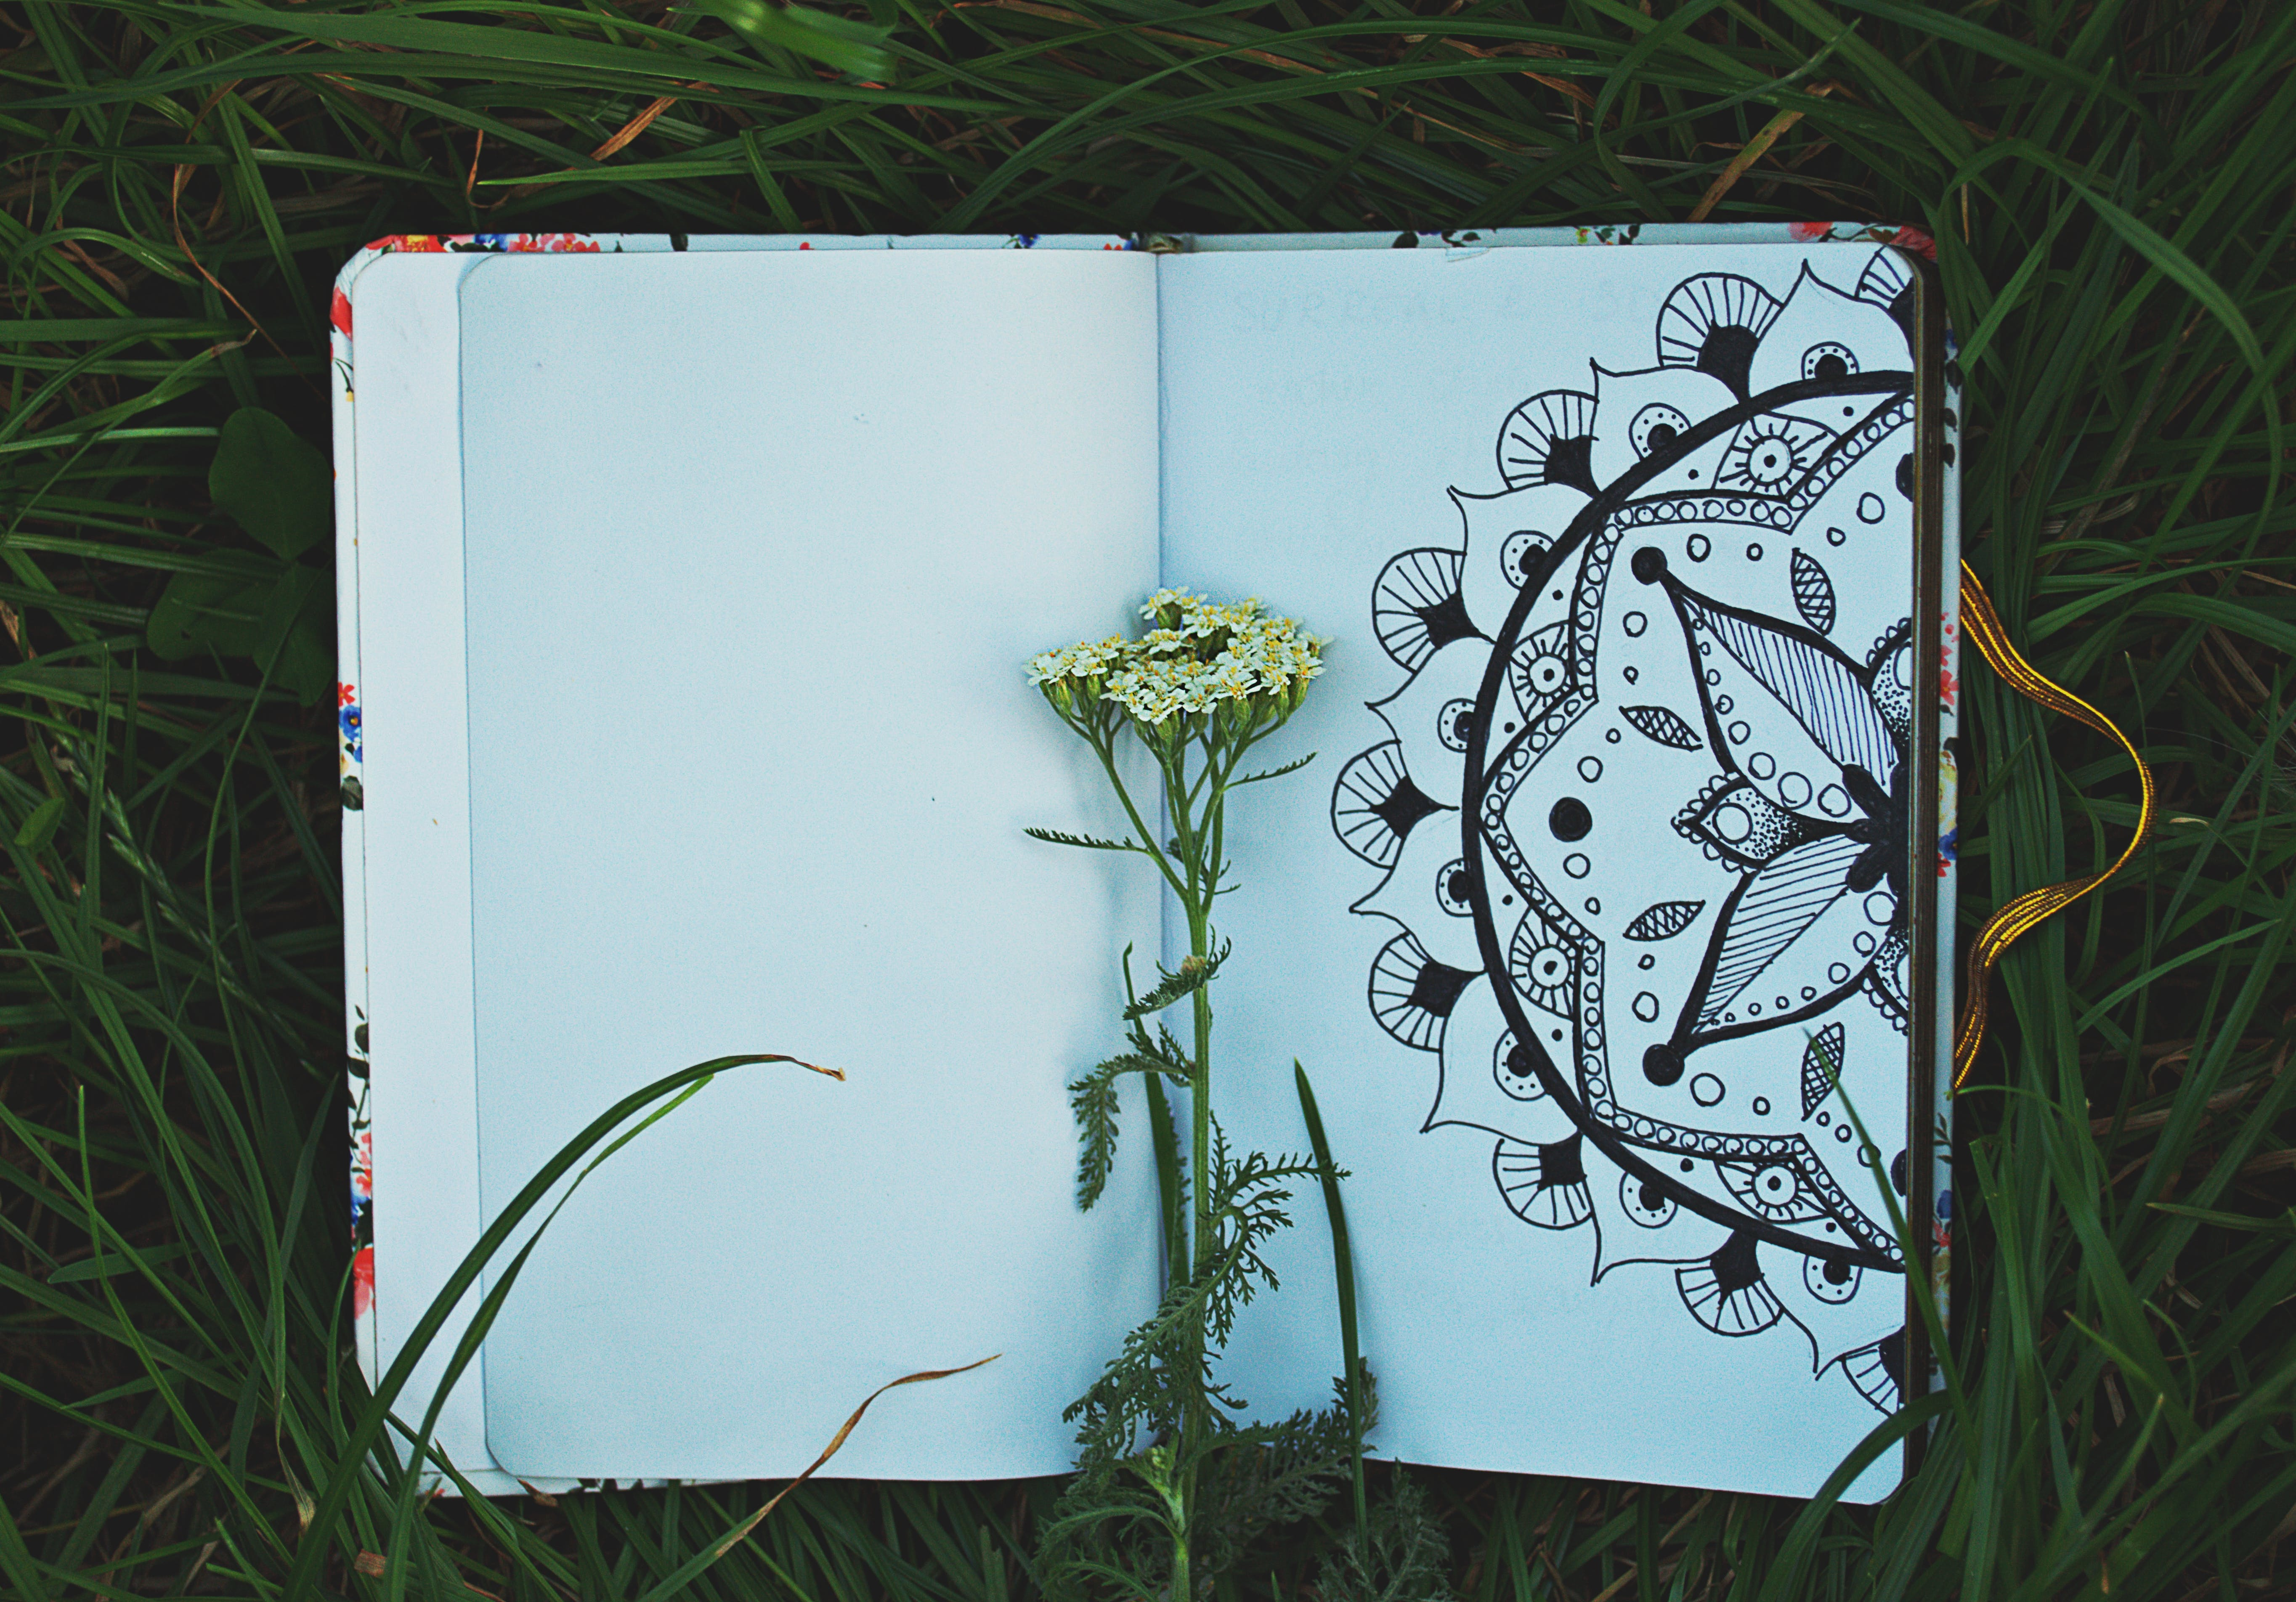 Kostnadsfri bild av anteckningsblock, anteckningsbok, bakgrund, blommor